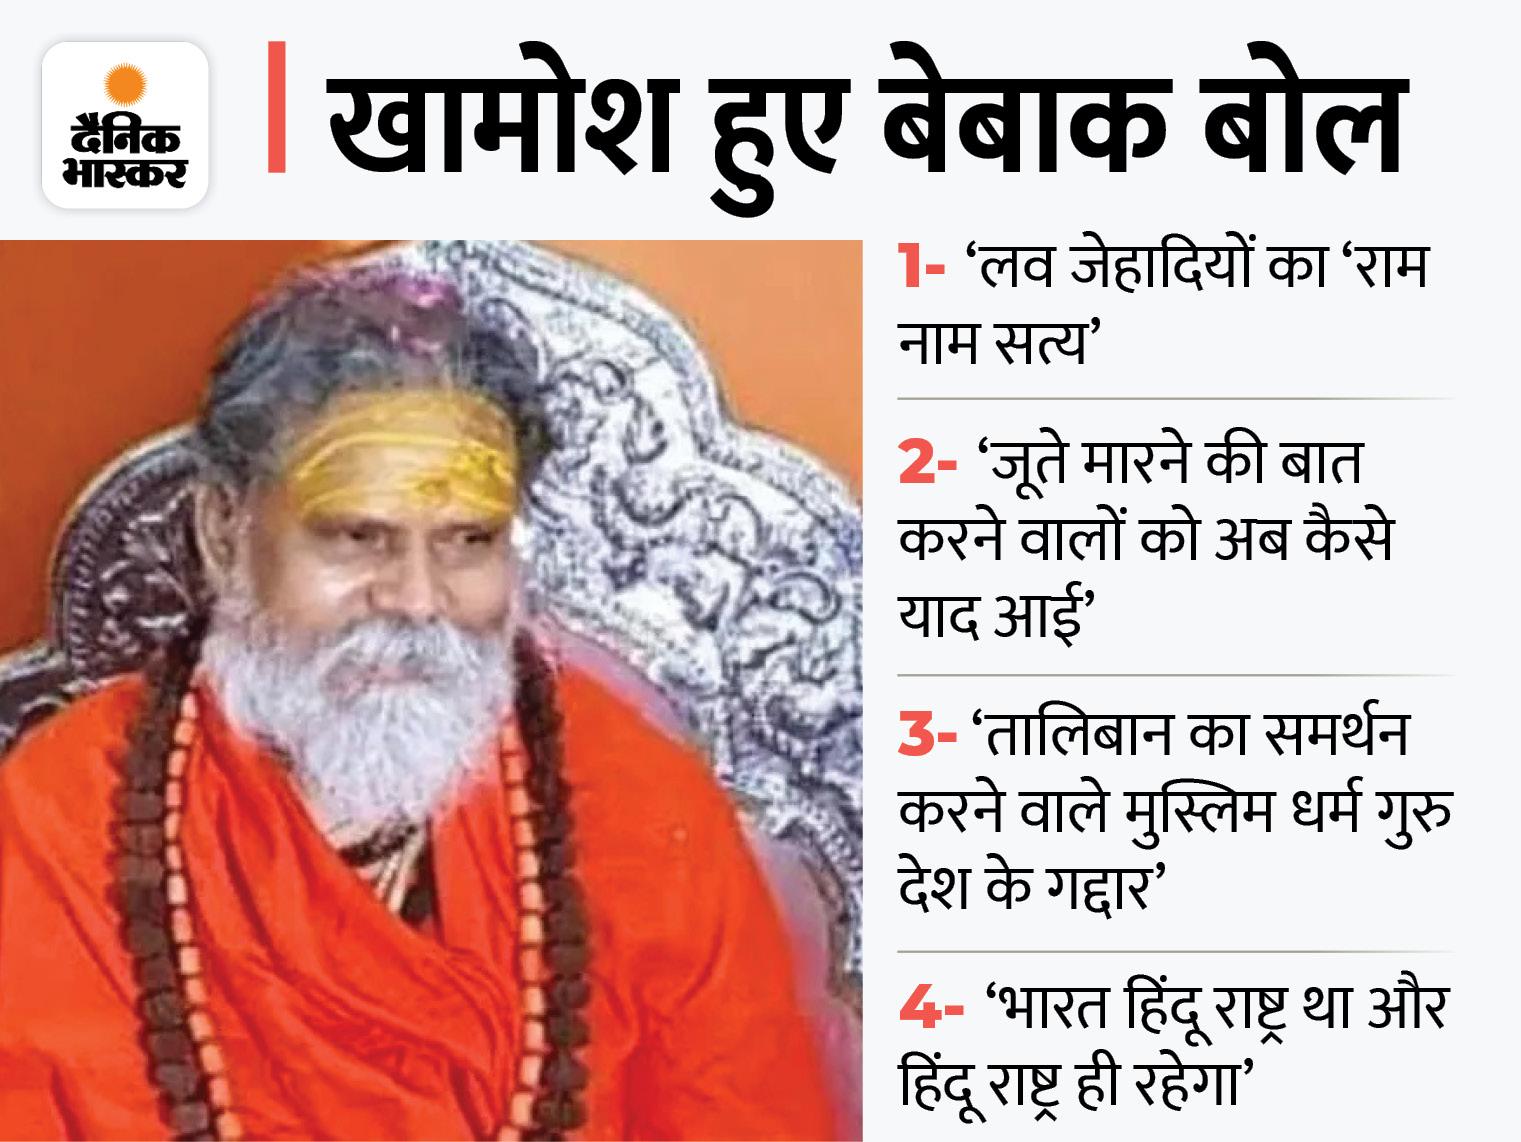 तालिबान का समर्थन करने वाले मुस्लिम धर्मगुरुओं को बताया था देश का गद्दार, ओवैसी को भी सुनाई थी खरी-खरी|उत्तरप्रदेश,Uttar Pradesh - Dainik Bhaskar